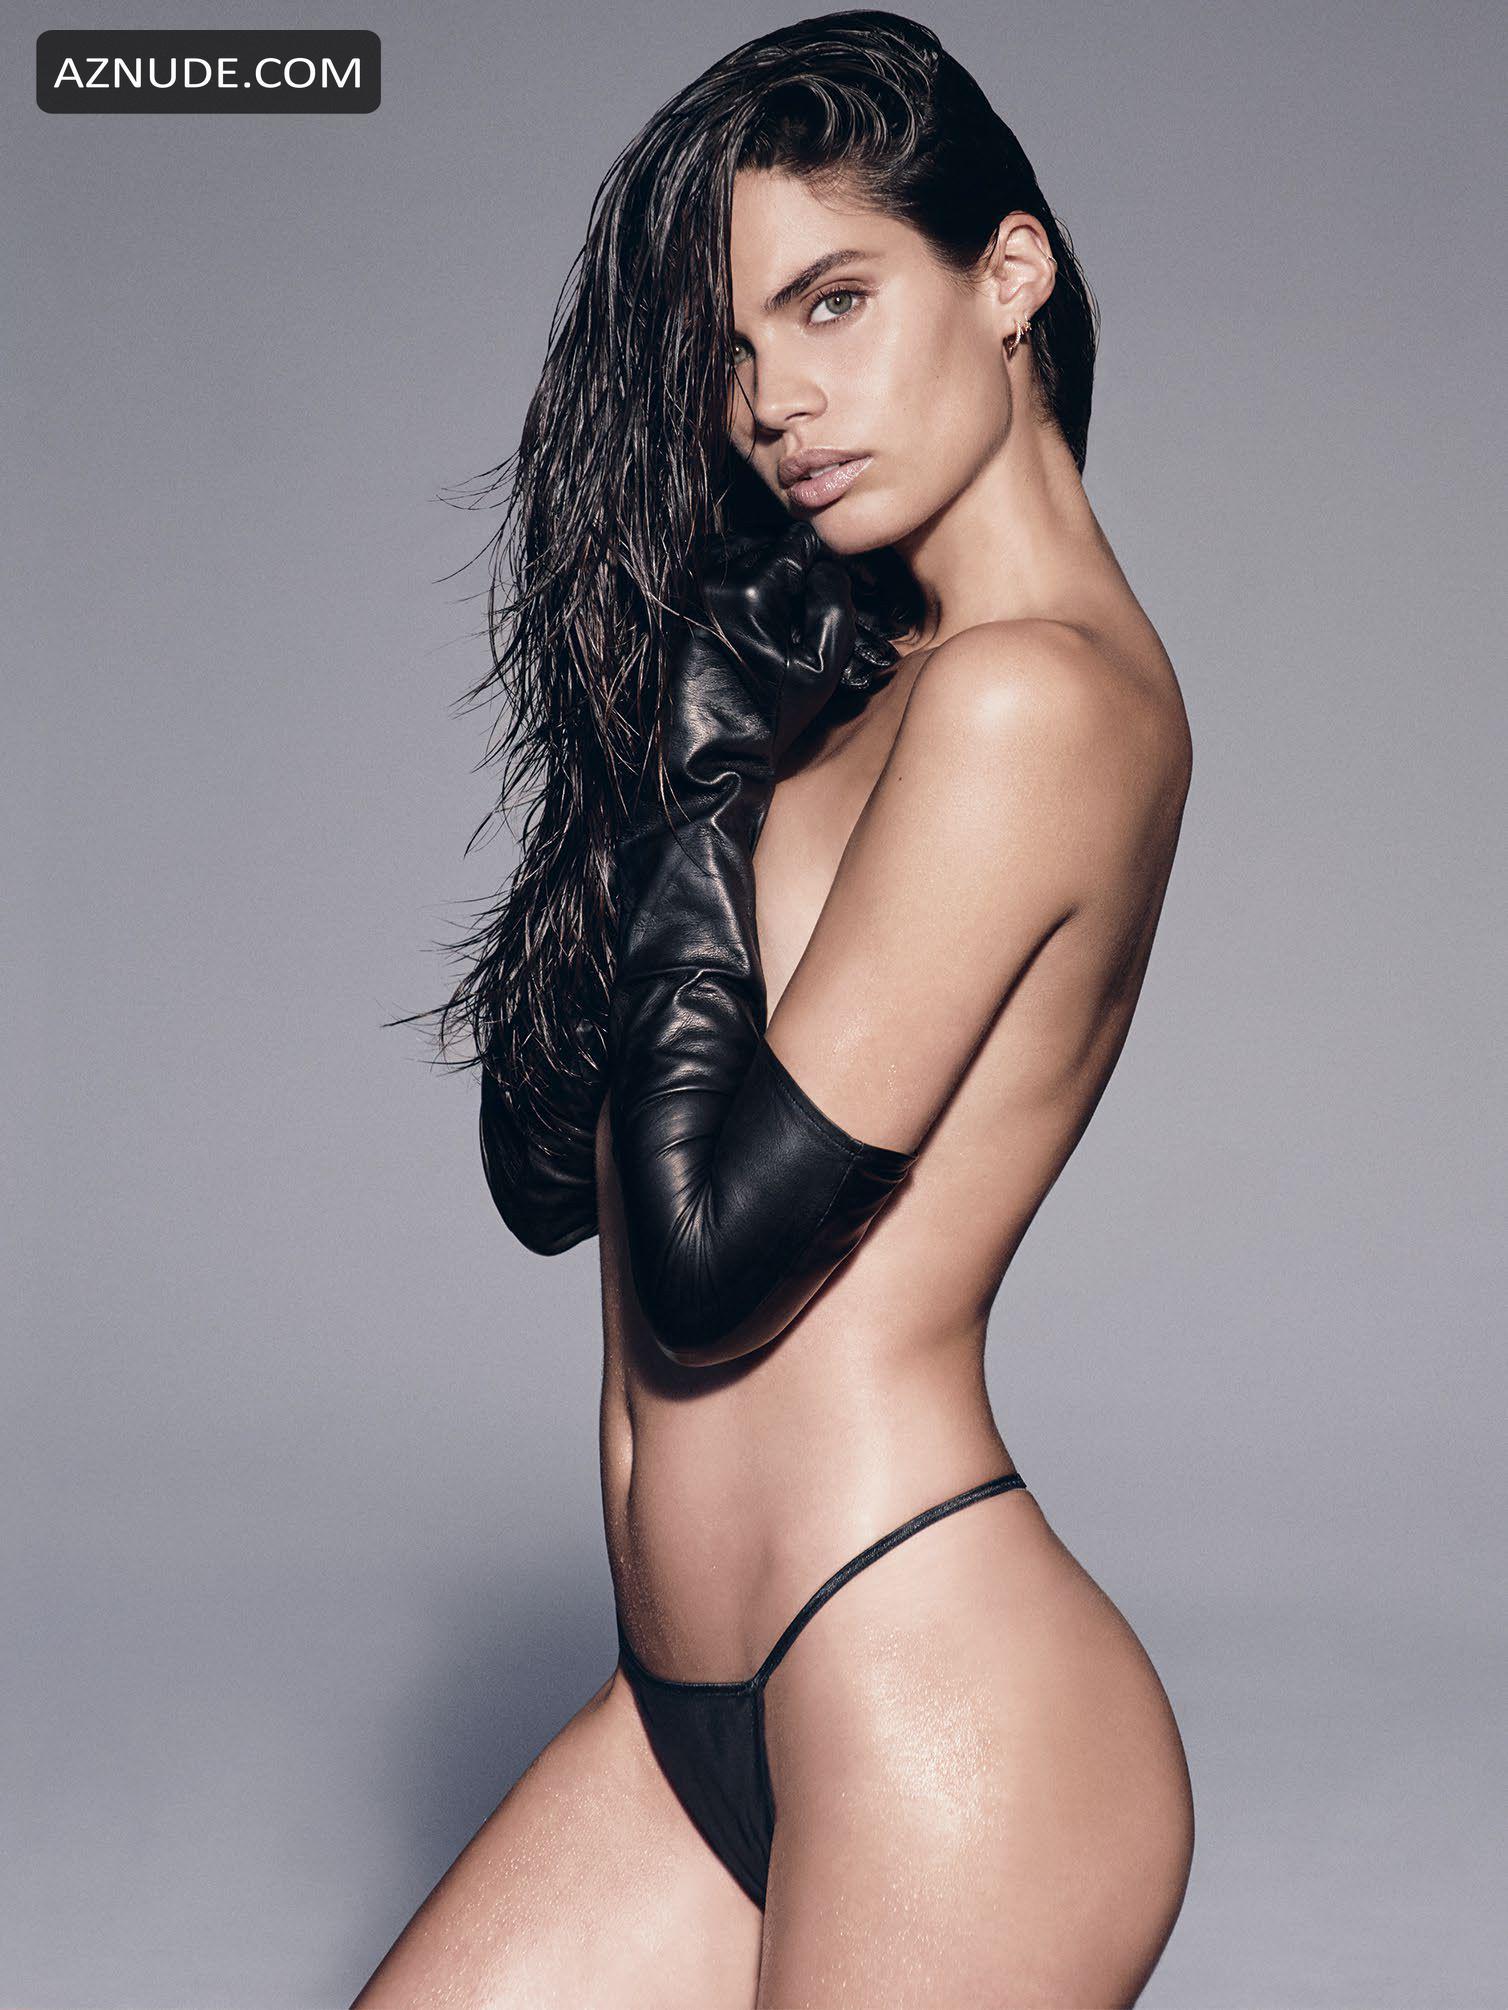 Picture of girl bikini model